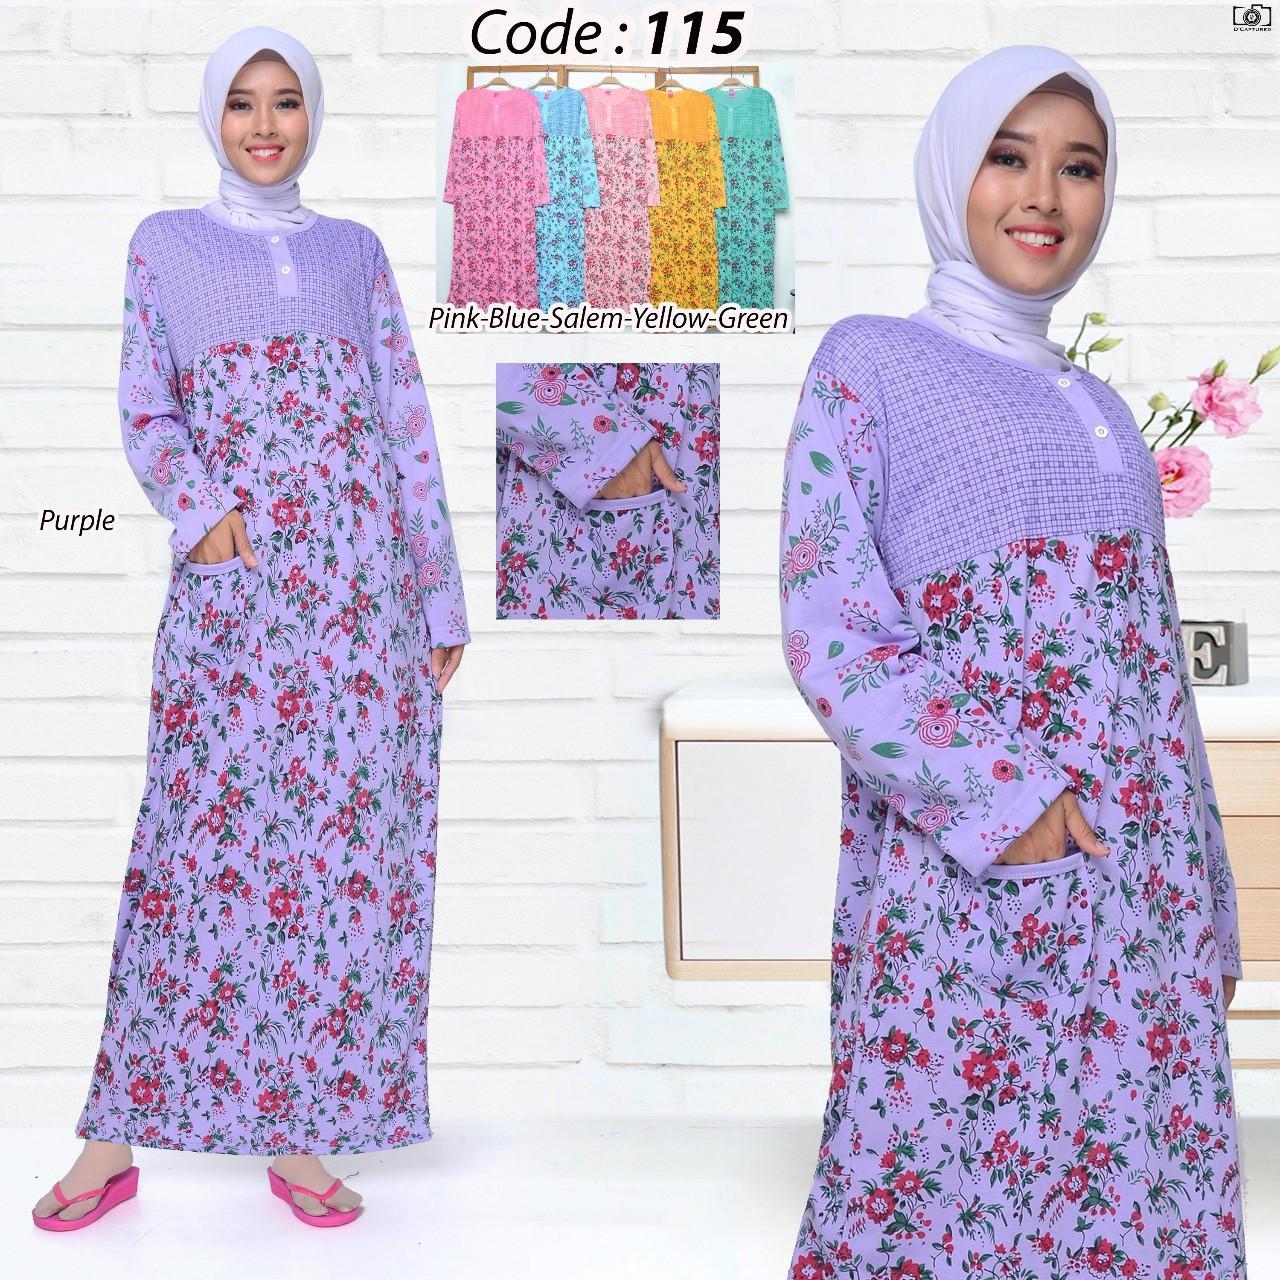 Baju tidur wanita Daster Gamis 115 all size / Piyama wanita Daster Gamis murah COD